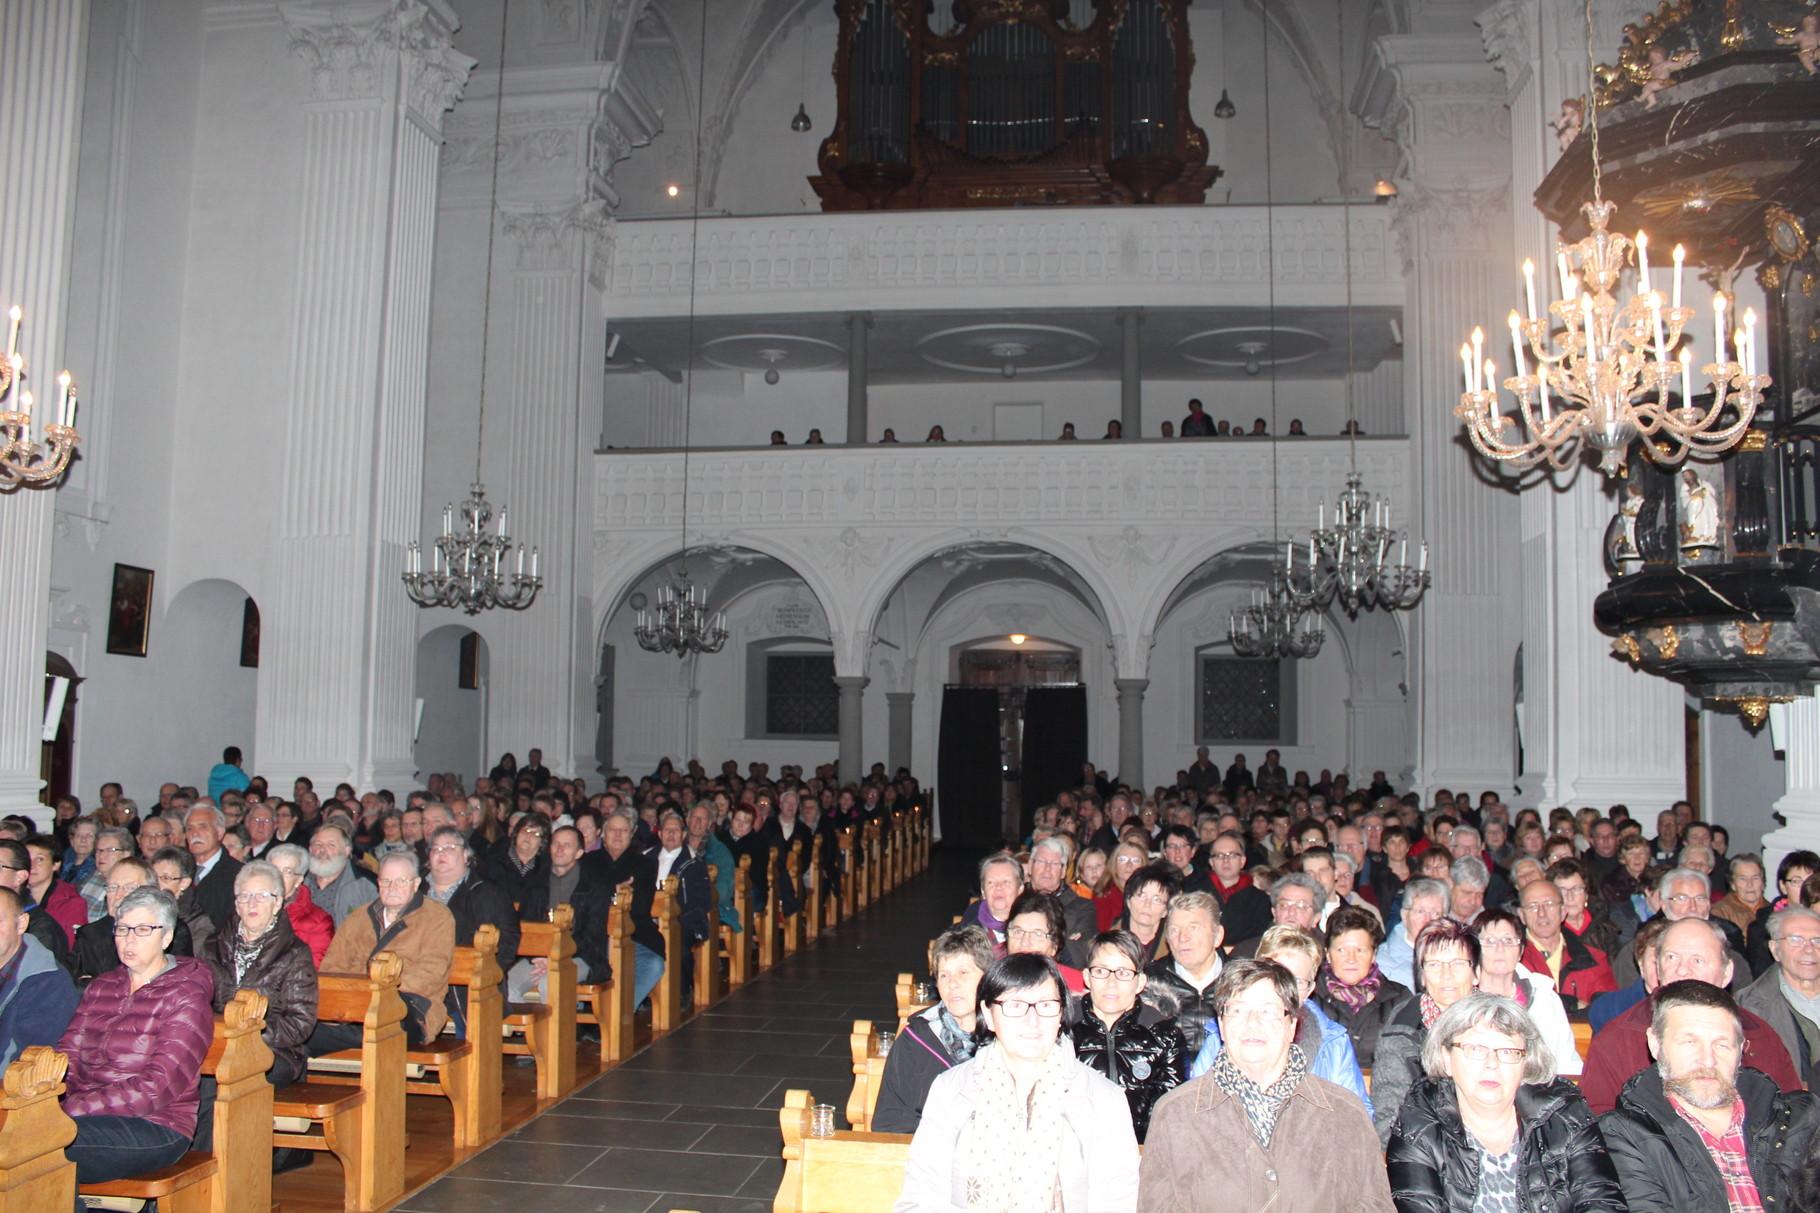 ... eröffnet in der voll besetzten Pfarrkirche das Kirchenkonzert